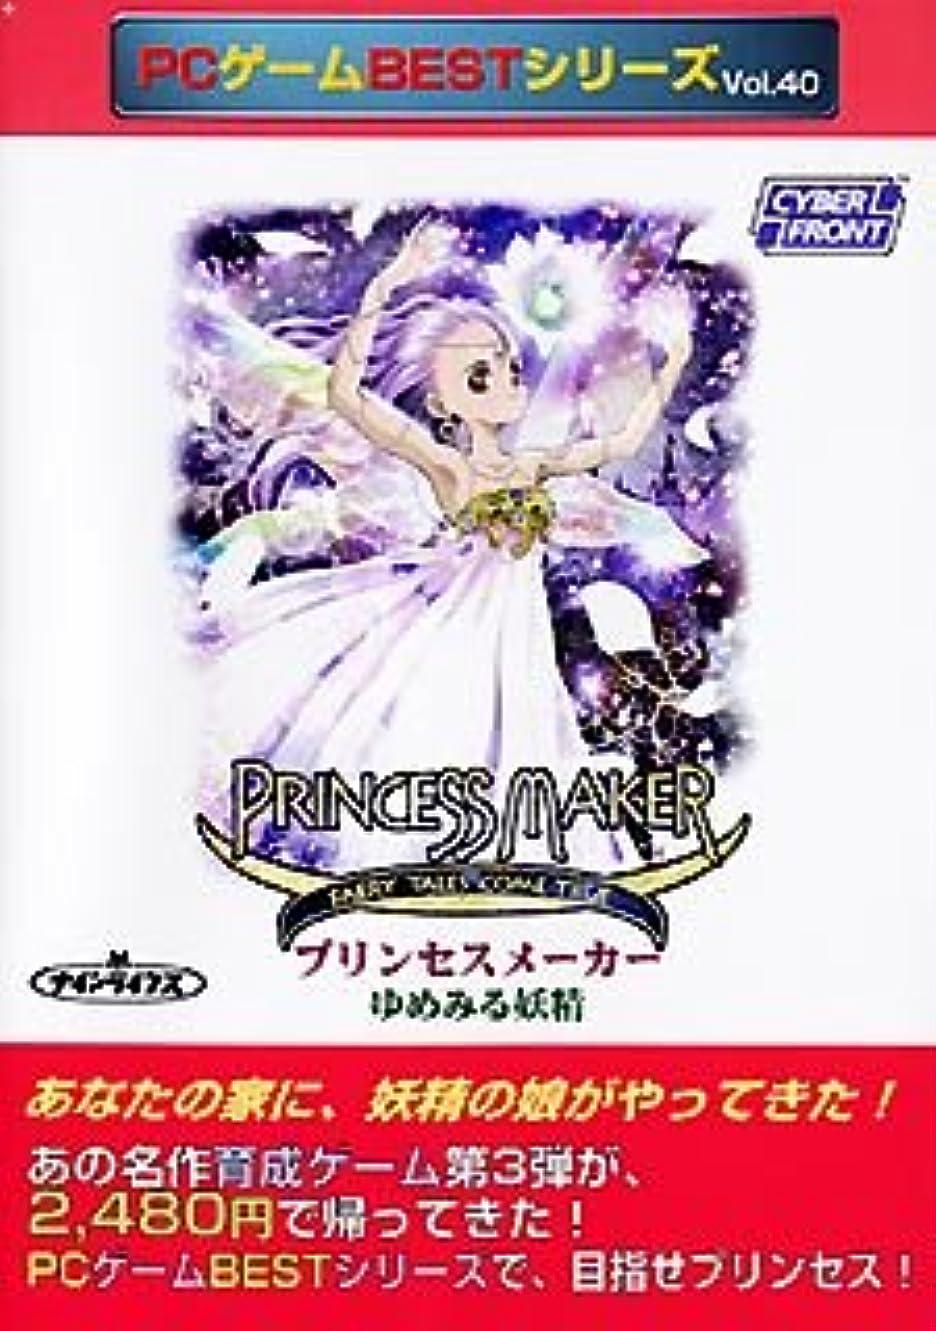 届ける備品帰るPCゲームBestシリーズ Vol.40 プリンセスメーカー ゆめみる妖精